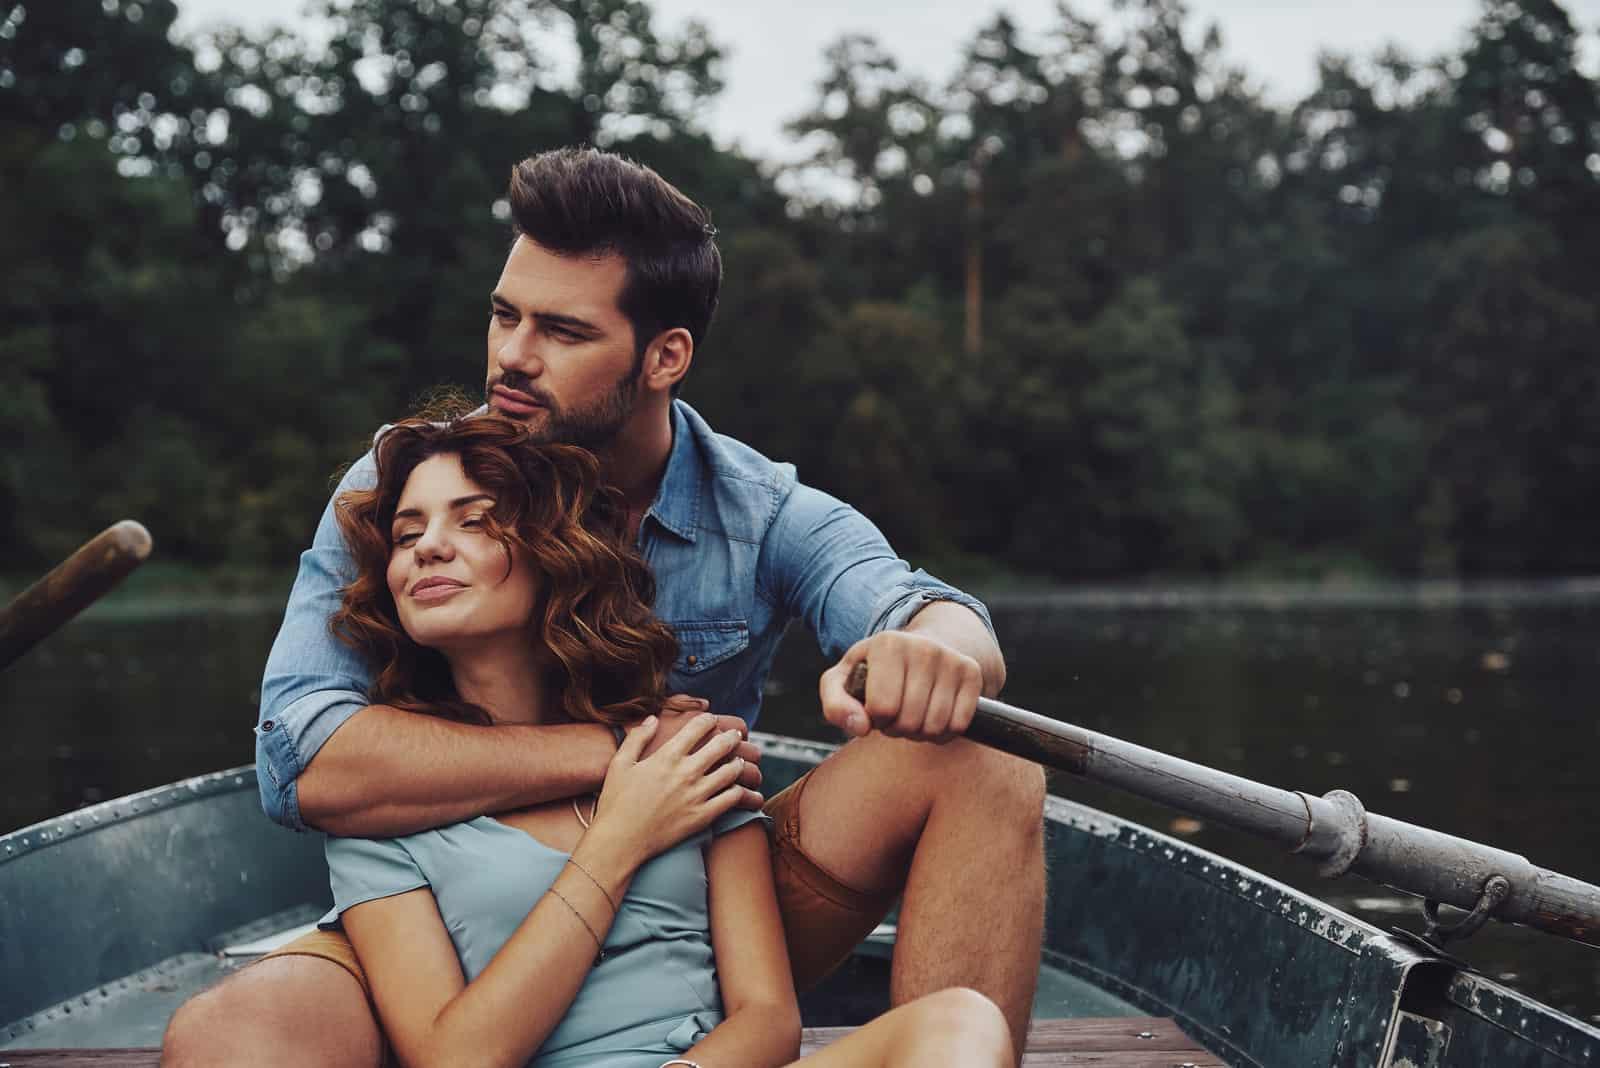 junges Paar umarmt und schaut weg, während es ein romantisches Date auf dem See genießt